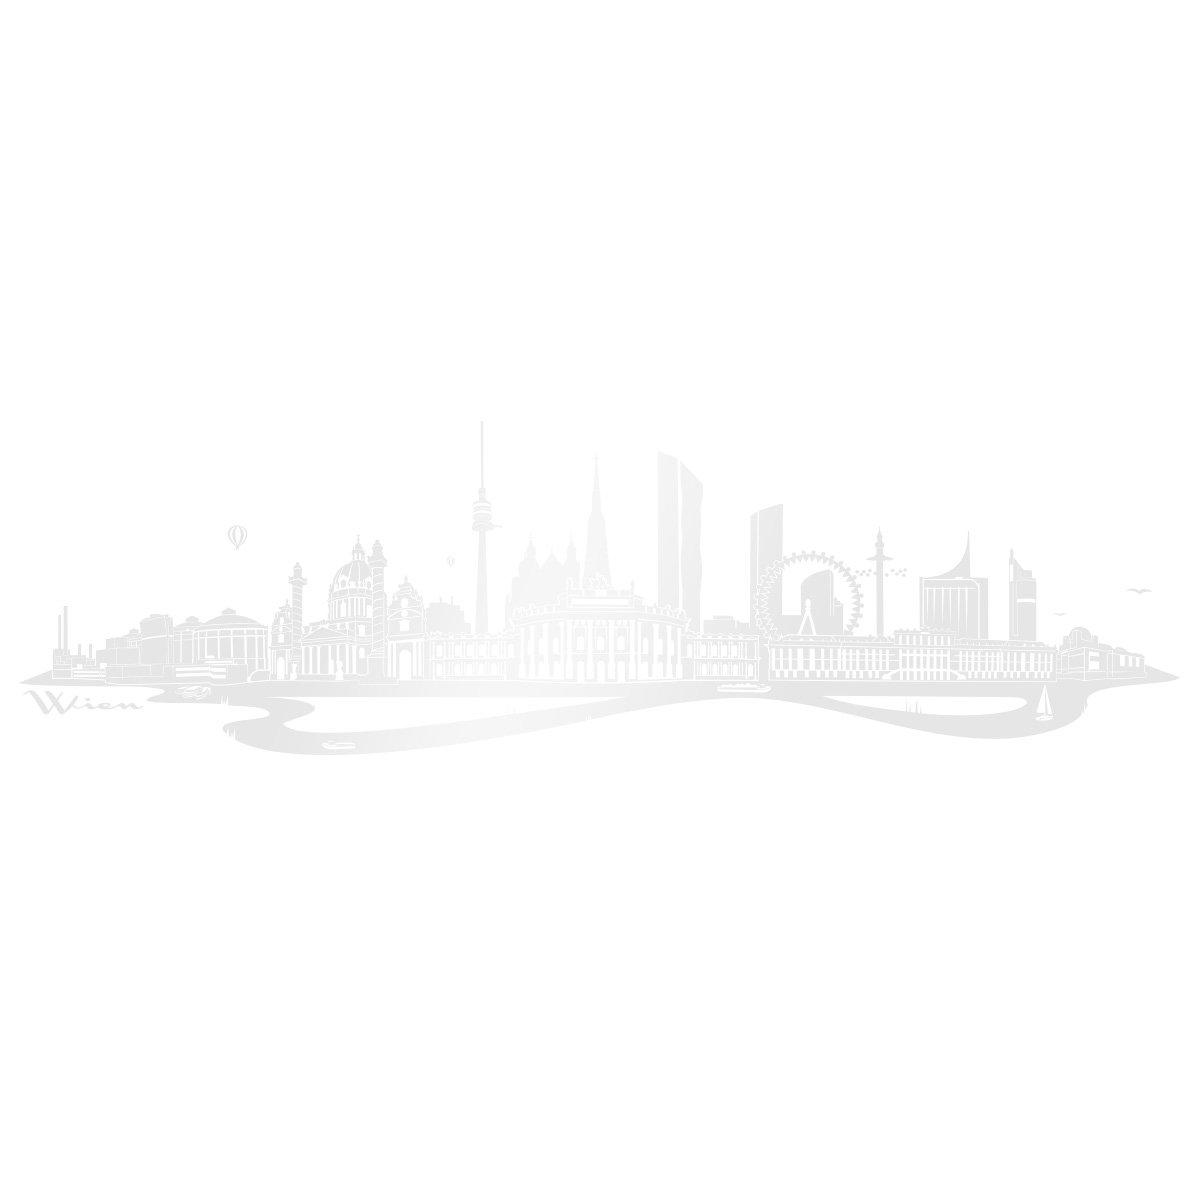 WANDKINGS Wandtattoo - Skyline Wien (mit Fluss) Fluss) Fluss) - 300 x 86 cm - Mittelgrau - Wähle aus 6 Größen & 35 Farben B078SFLYQ1 Wandtattoos & Wandbilder f34d9e